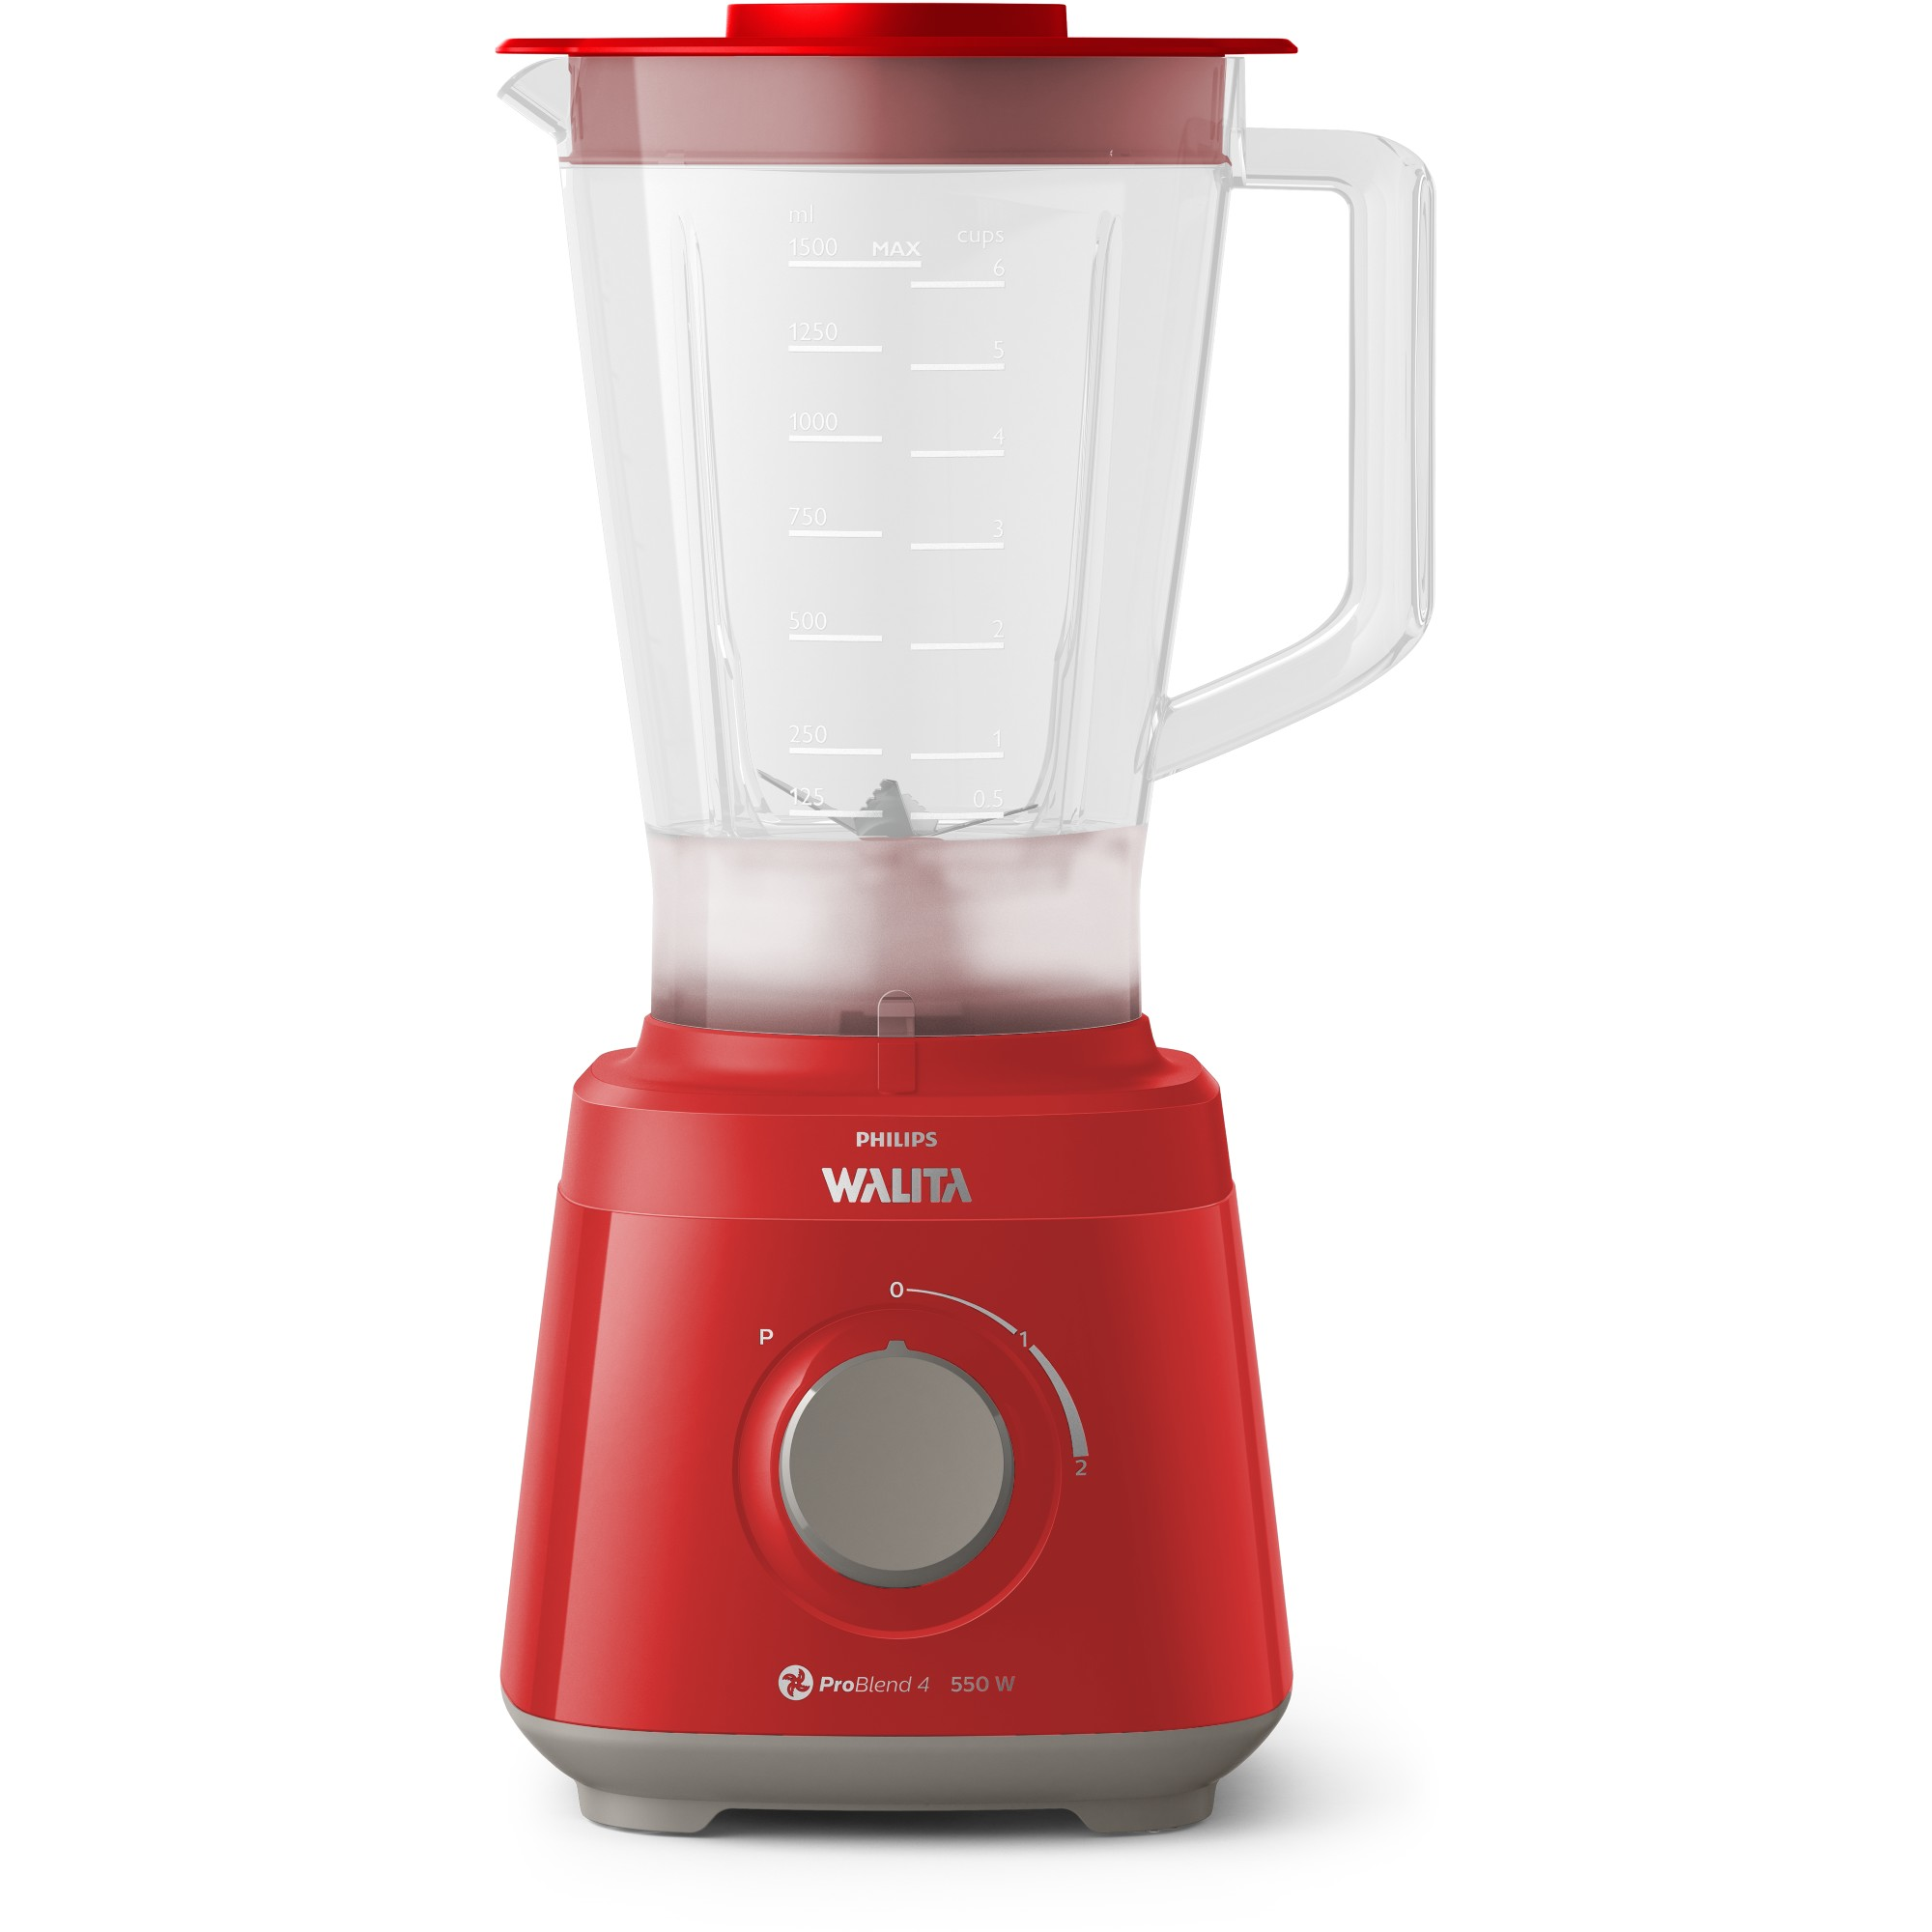 Liquidificador Philips Walita Blender 550w Vermelho 2 Velocidades 220V RI211040